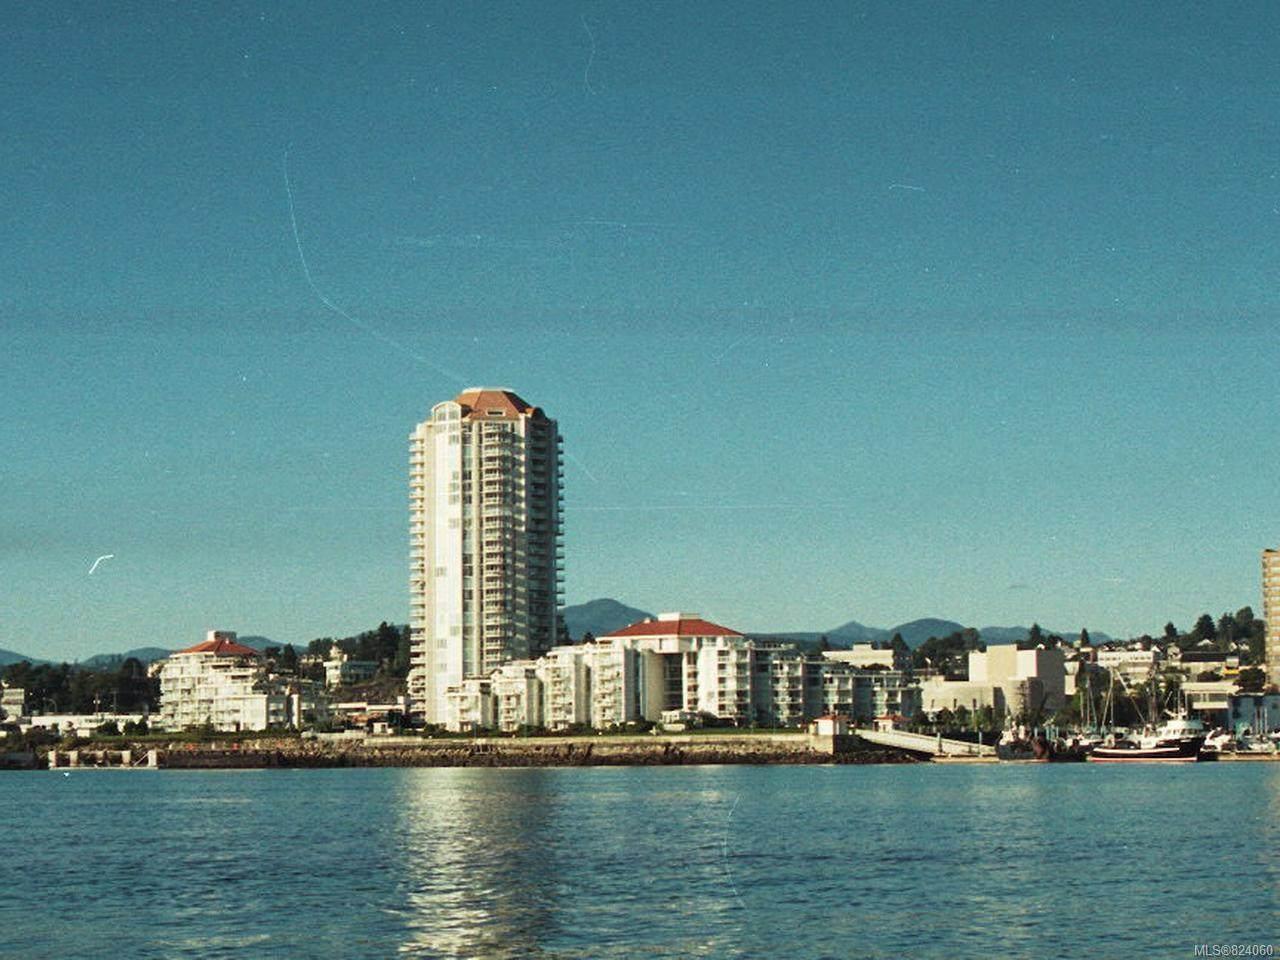 154 Promenade Dr - Photo 1